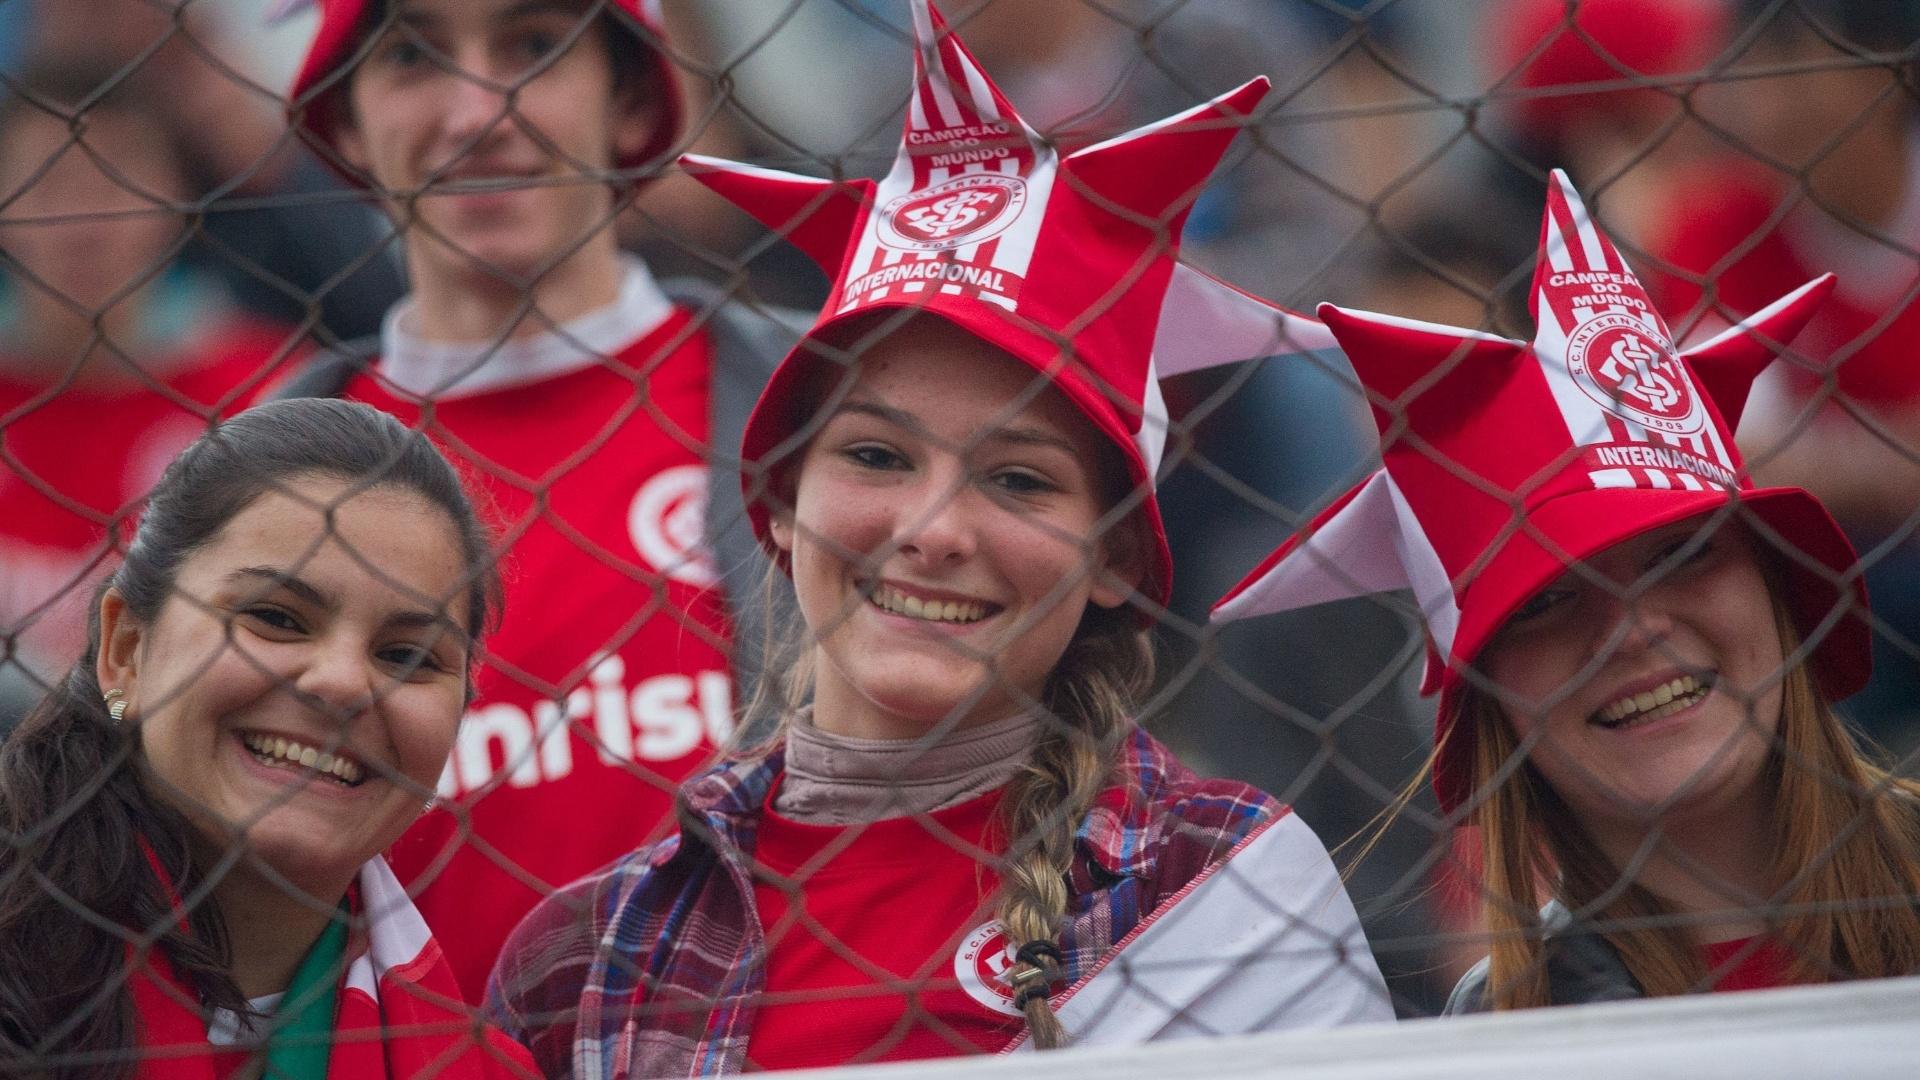 02.06.13 - Público feminino marca presença na partida entre Inter e Bahia em Caxias do Sul pelo Brasileirão